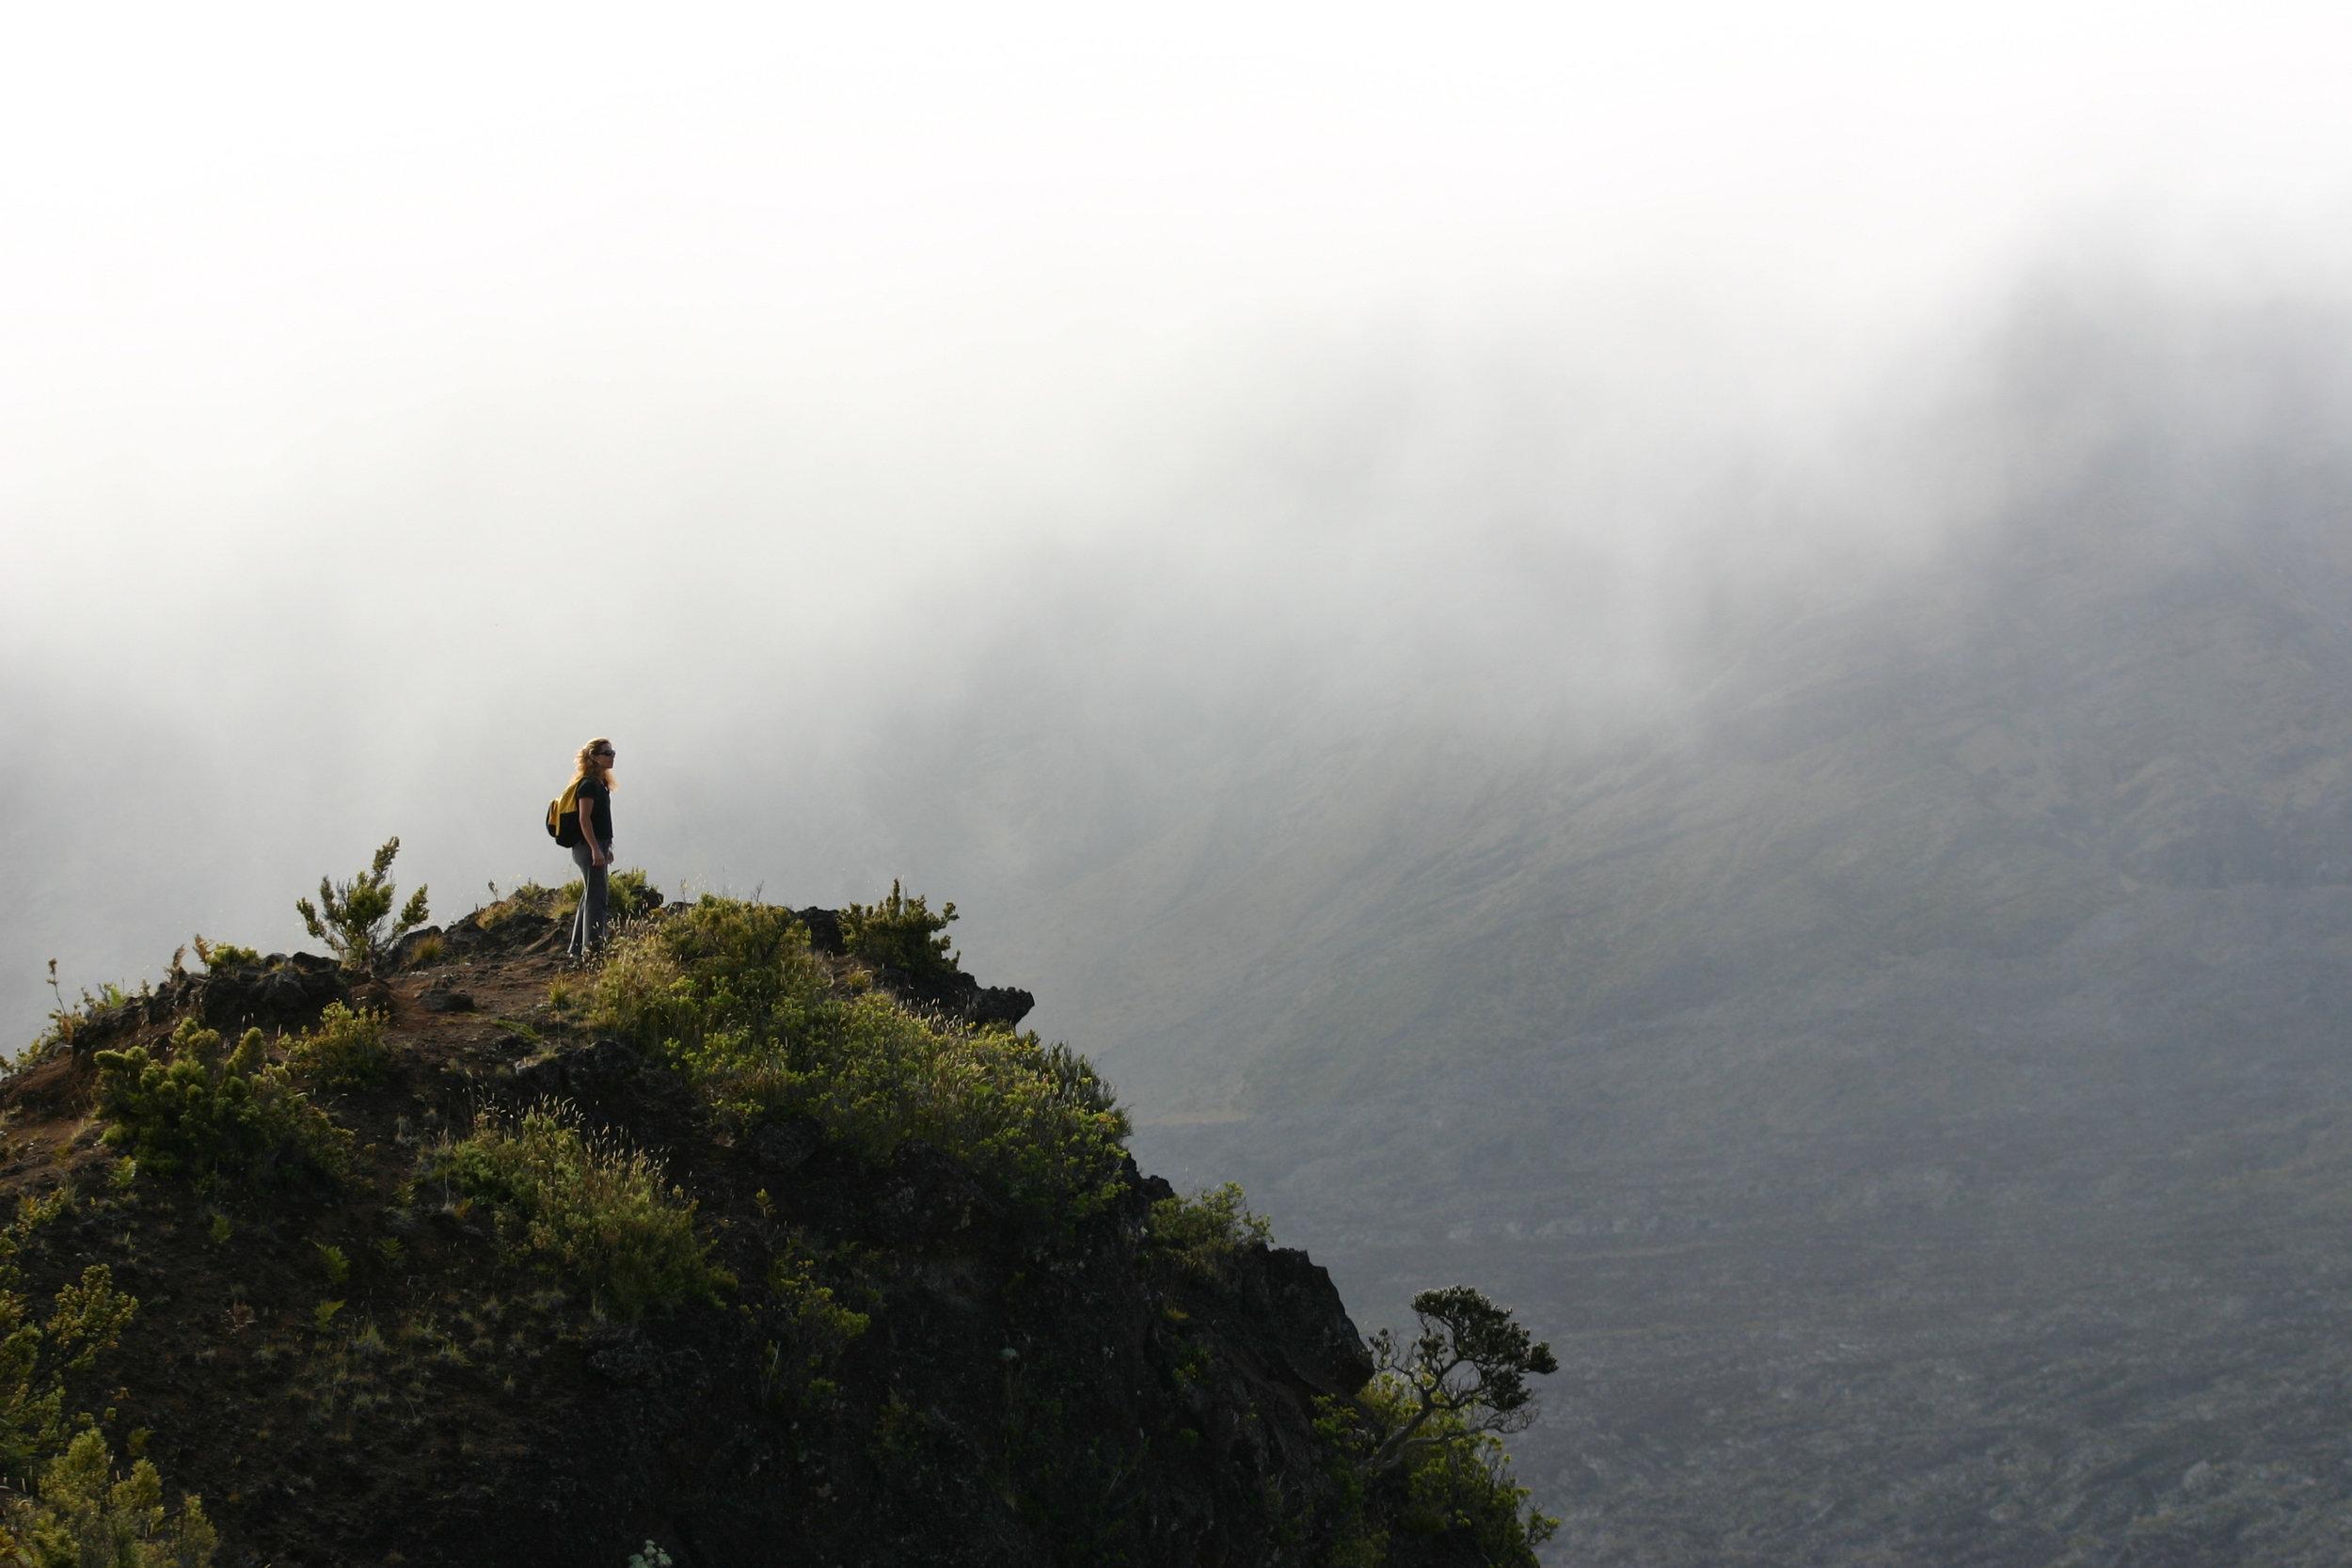 kūlia i ka nuʻu